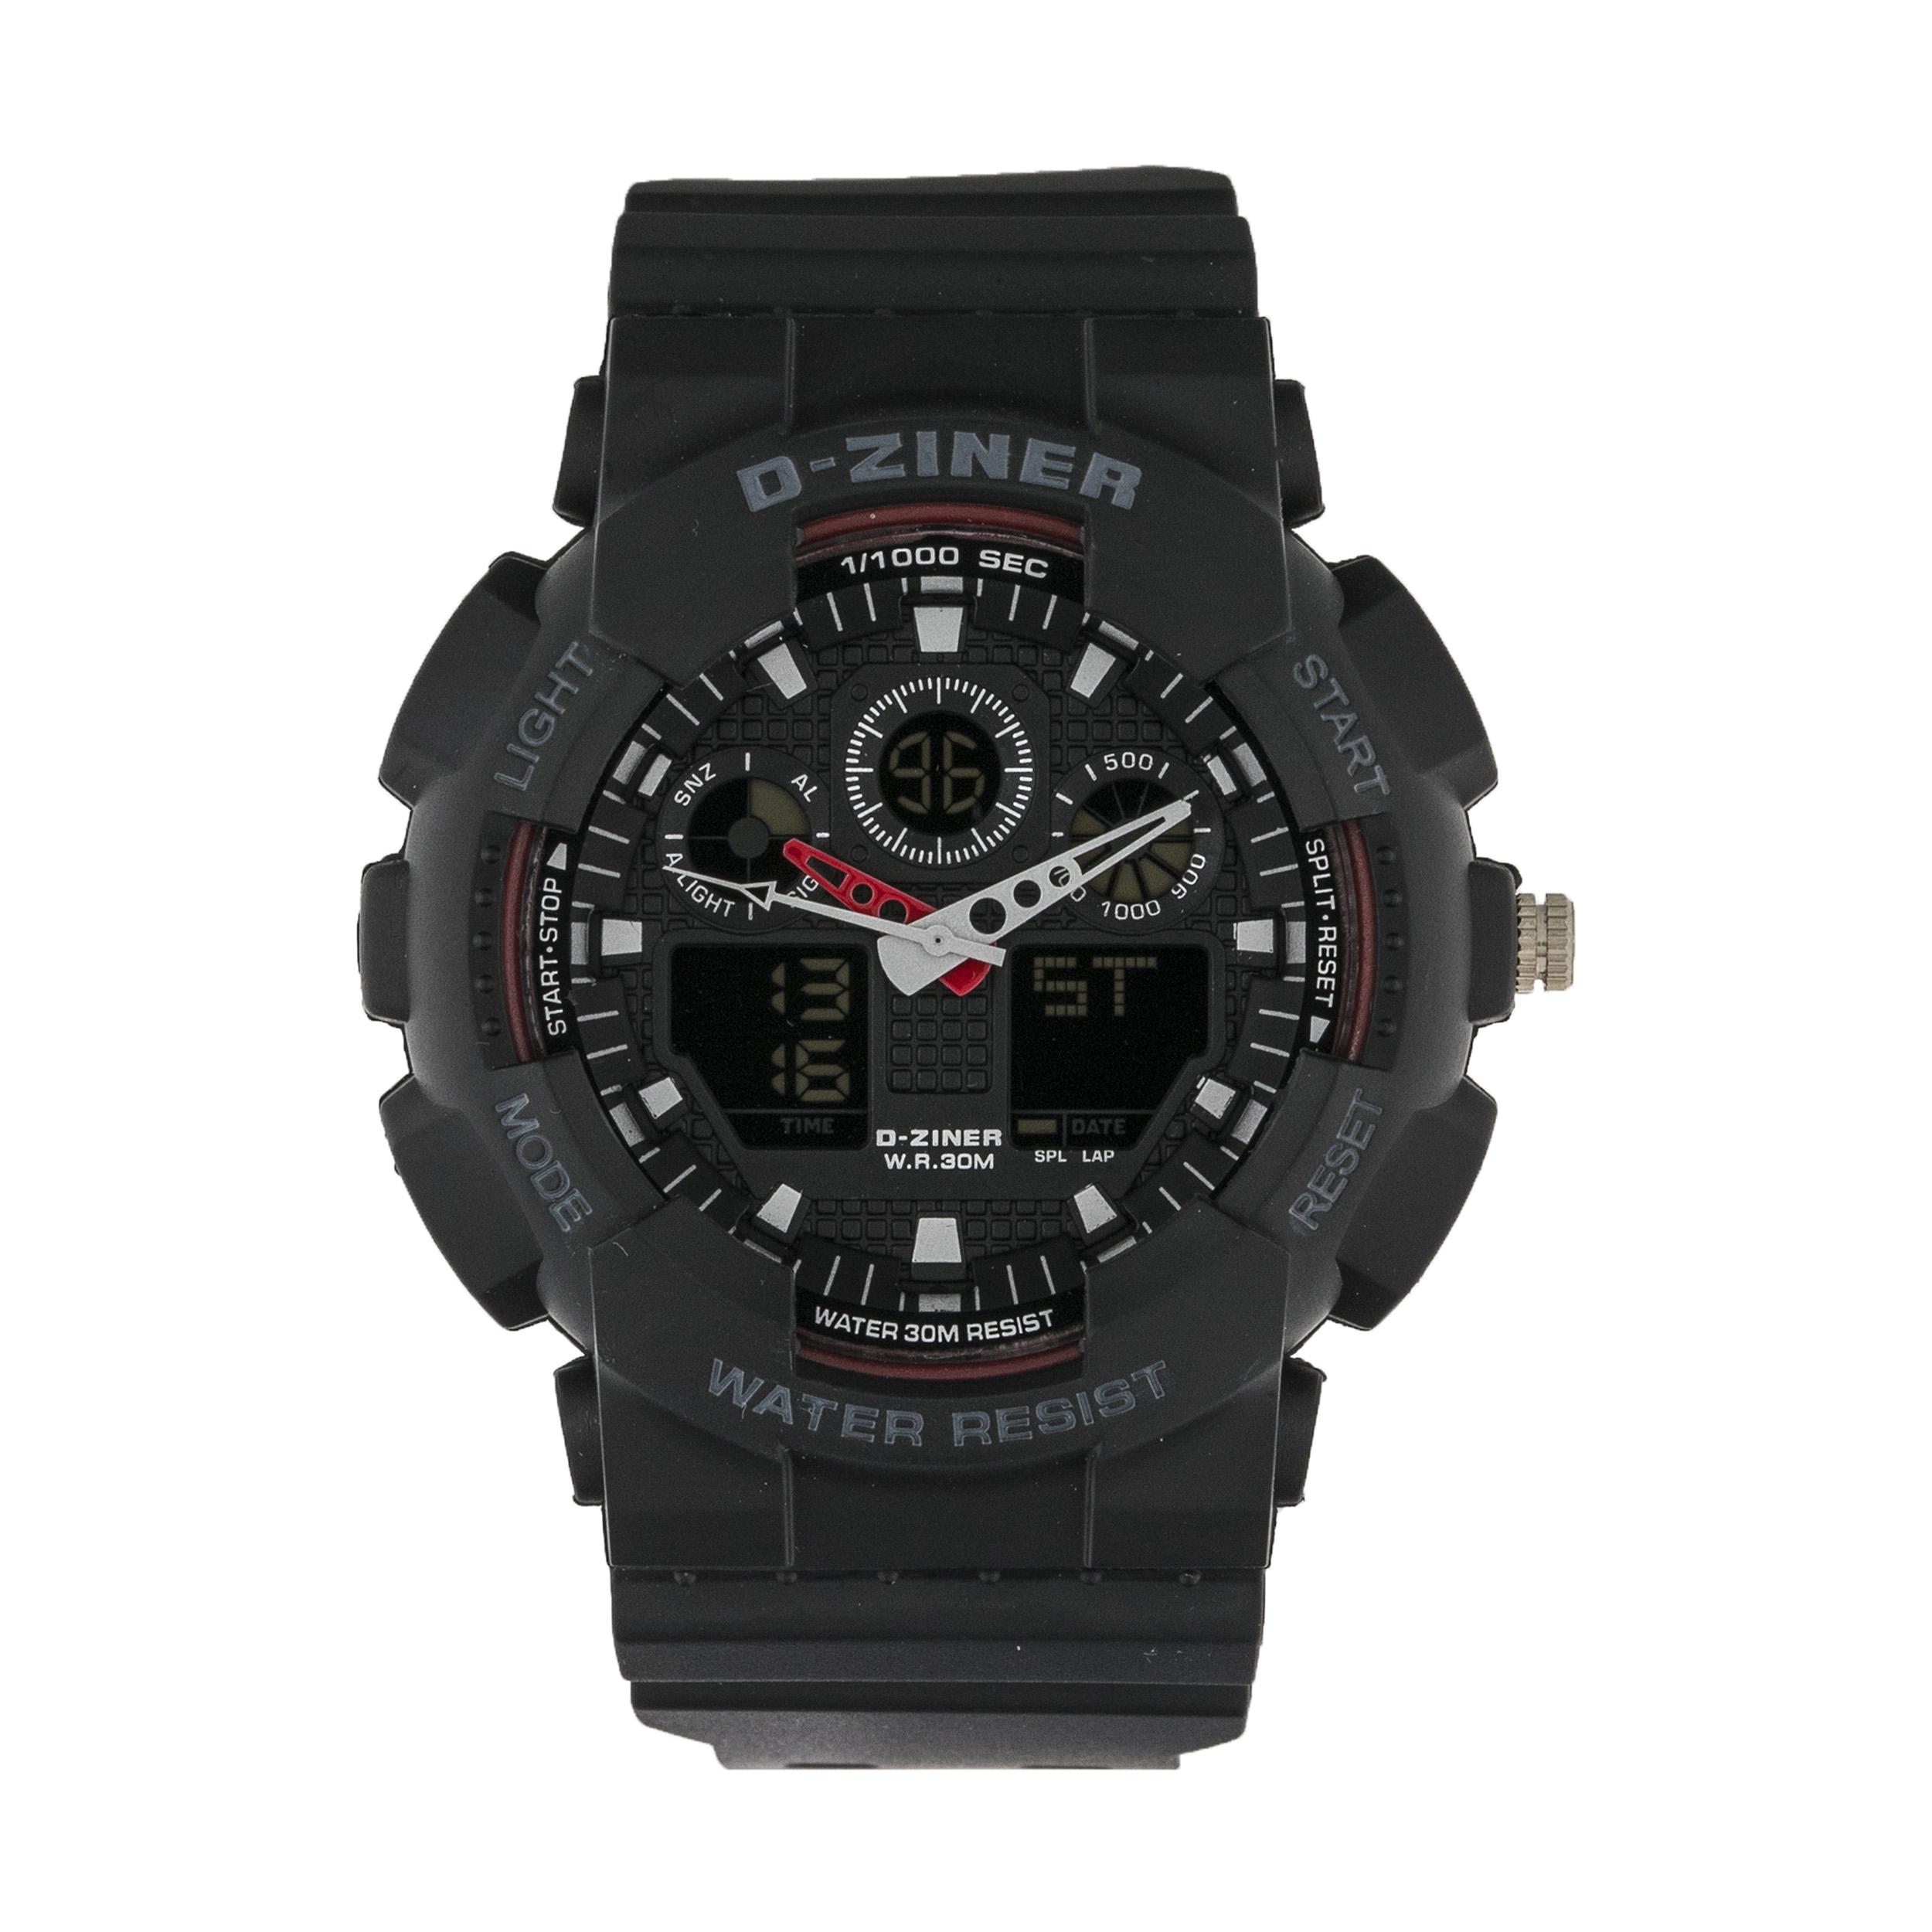 ساعت مچی عقربه ای مردانه دیزاینر مدل D-Z7003 27